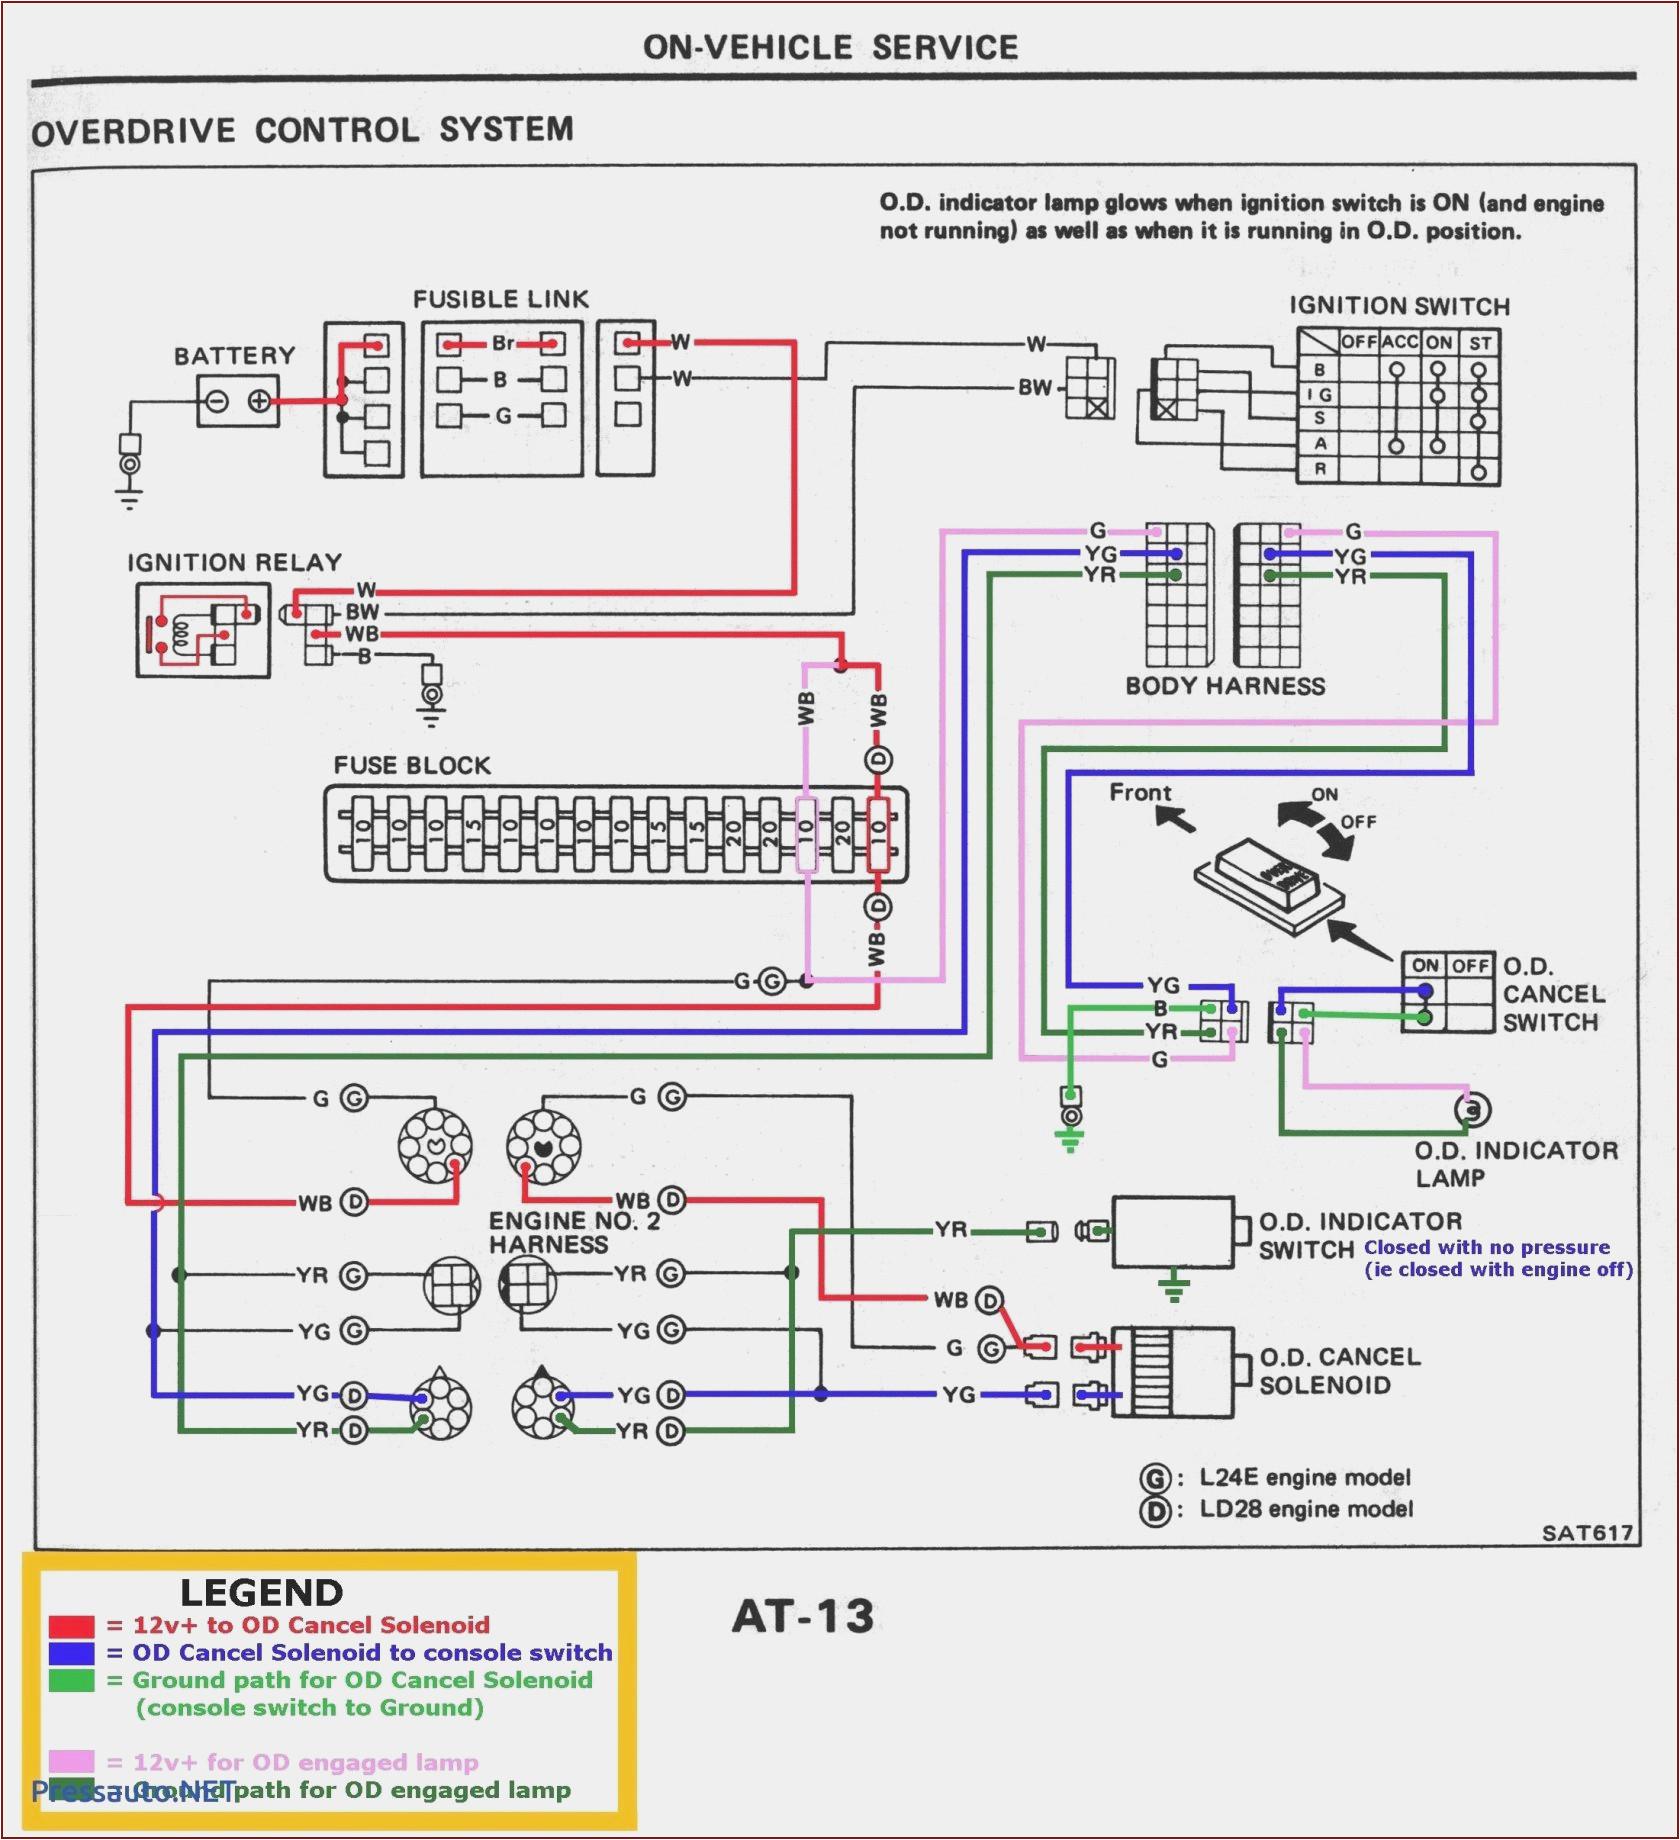 mini cooper r56 stereo wiring diagram of mini cooper r56 stereo wiring diagram jpg